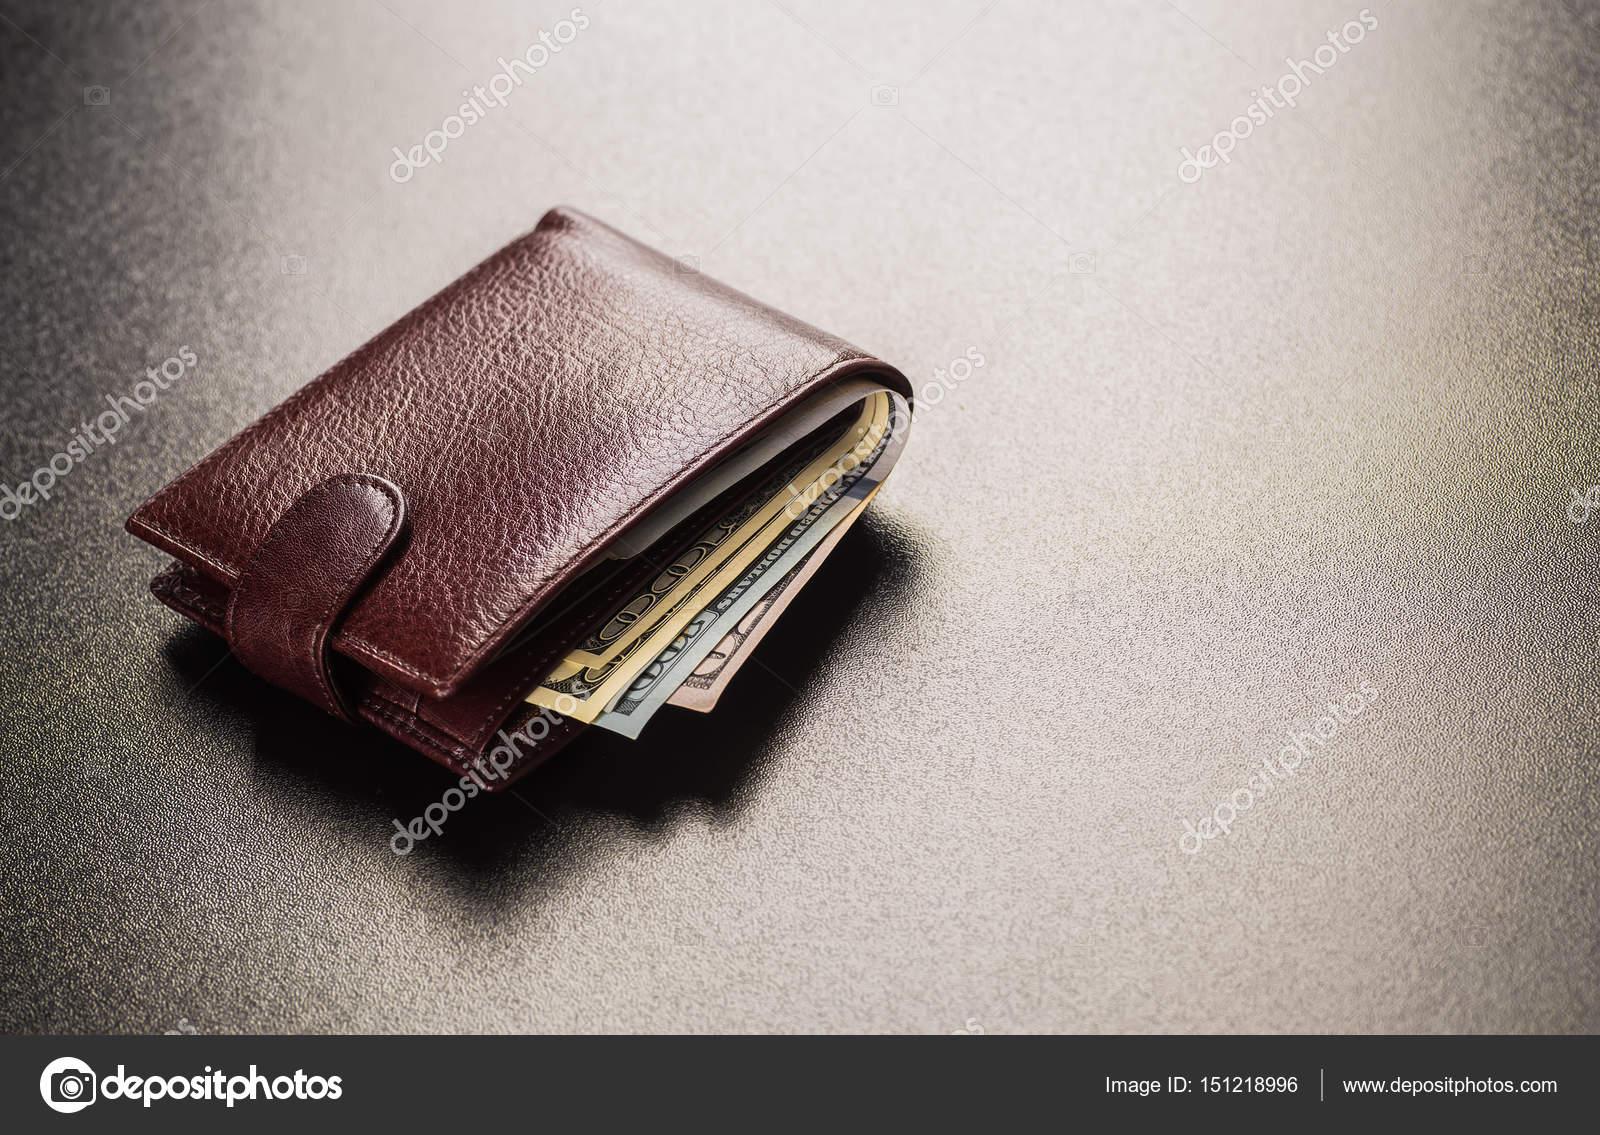 adatto a uomini/donne sentirsi a proprio agio più economico Soldi di portafoglio da uomo in contanti — Foto Stock ...